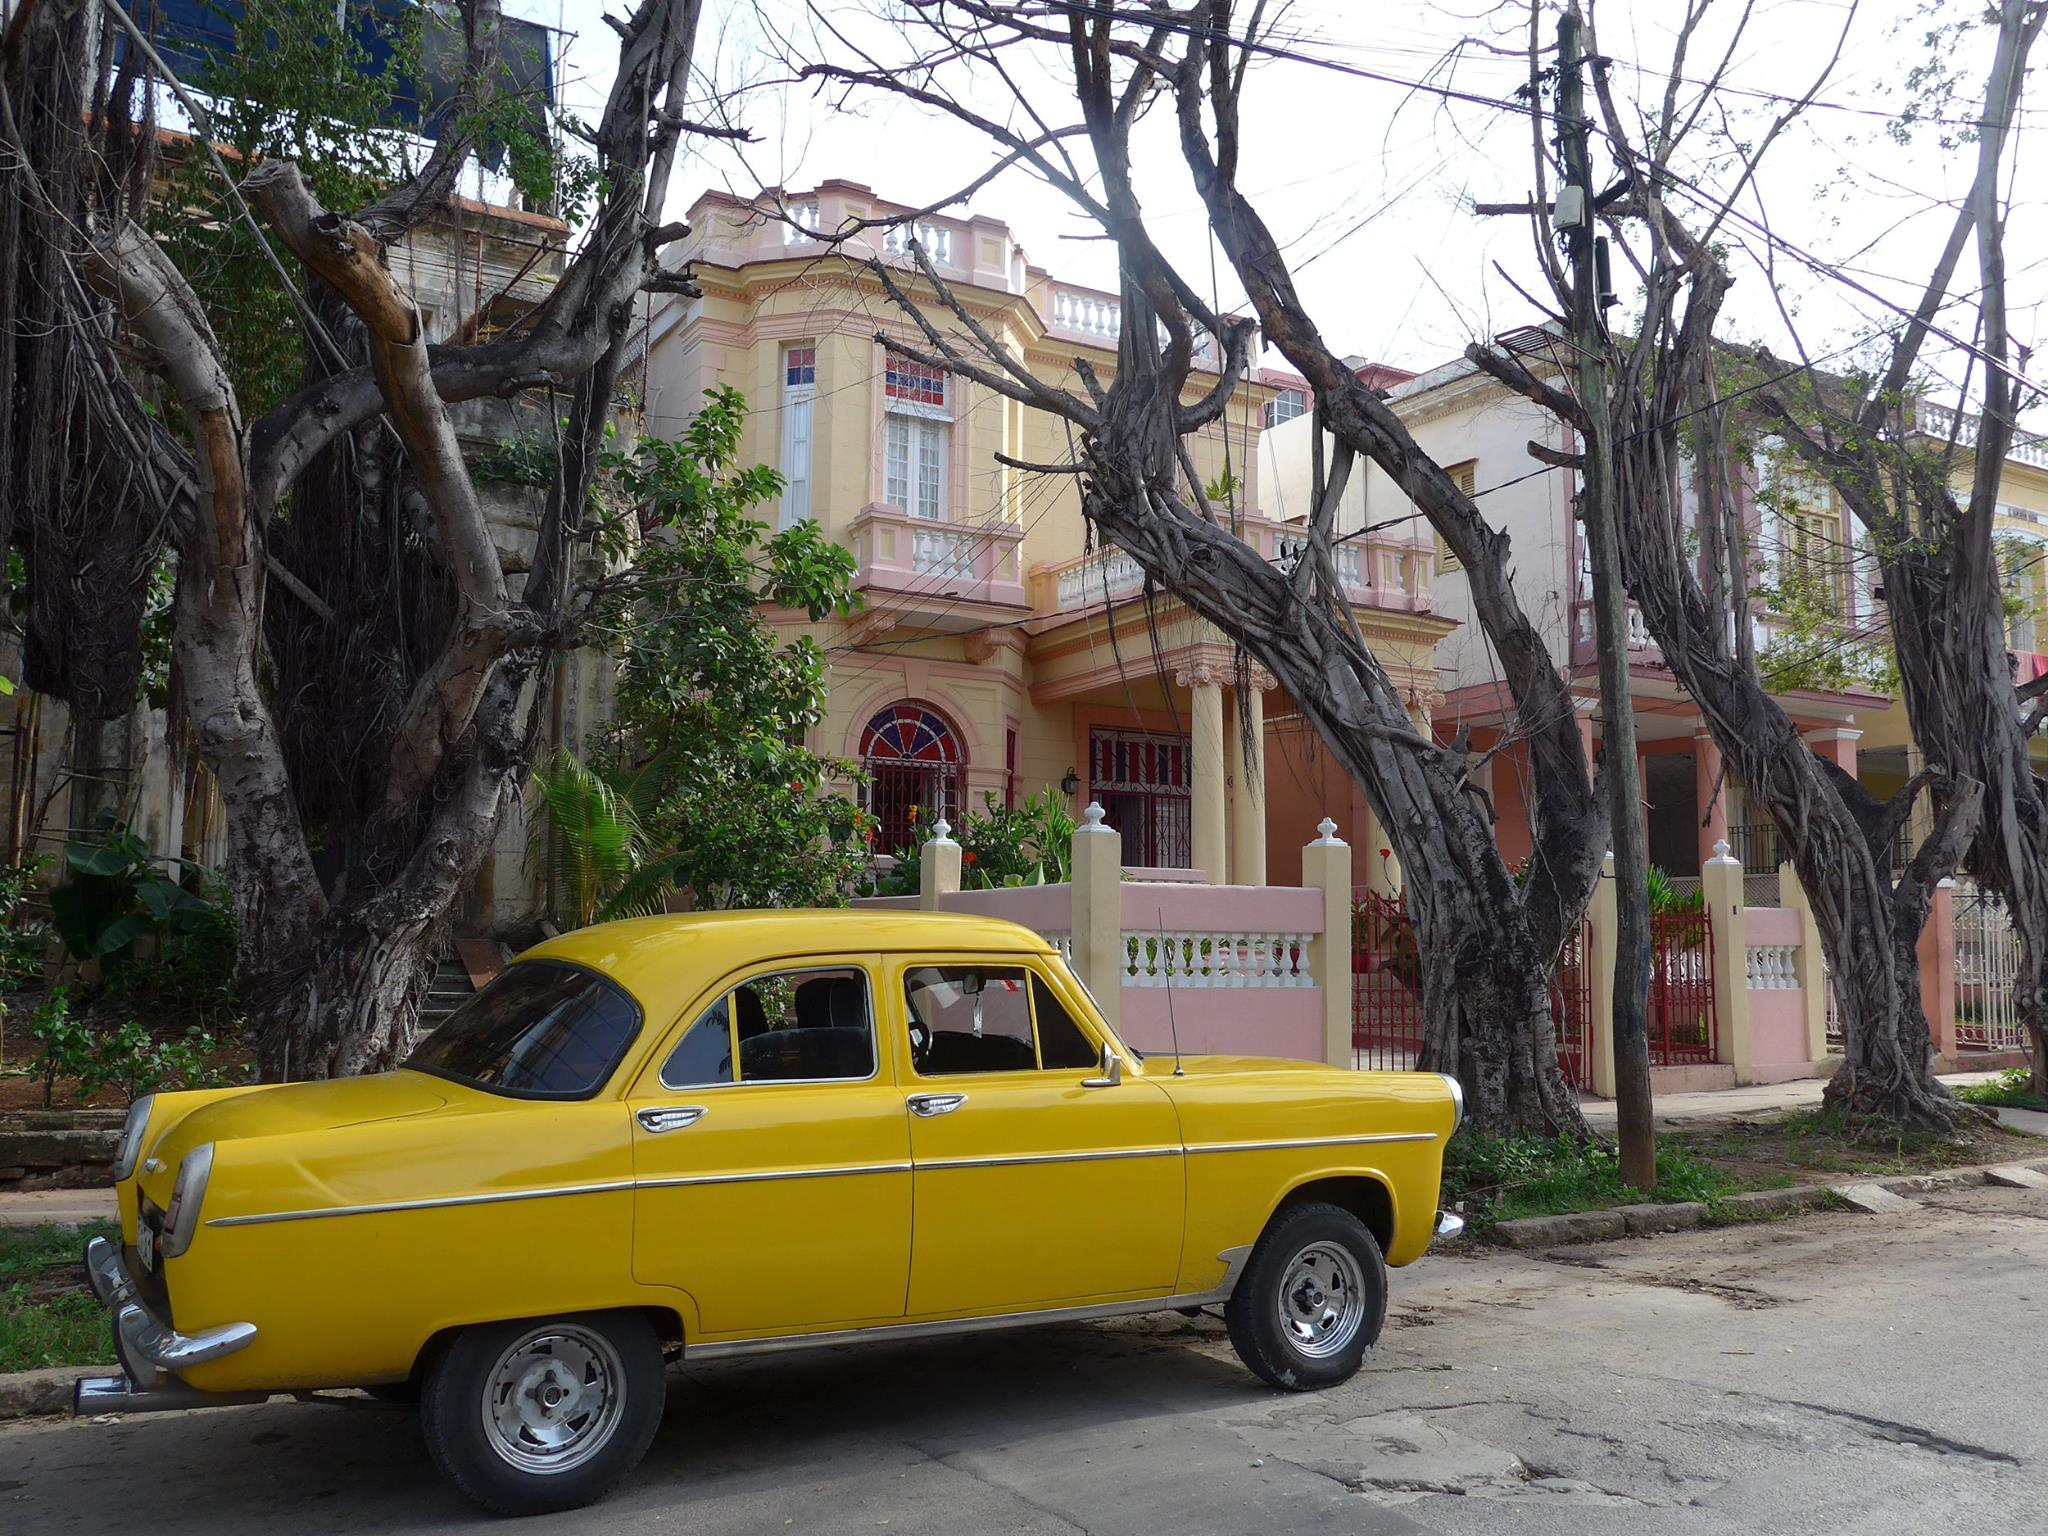 Onze eerste 'casa particular' in Havana, in de wijk Vedado.